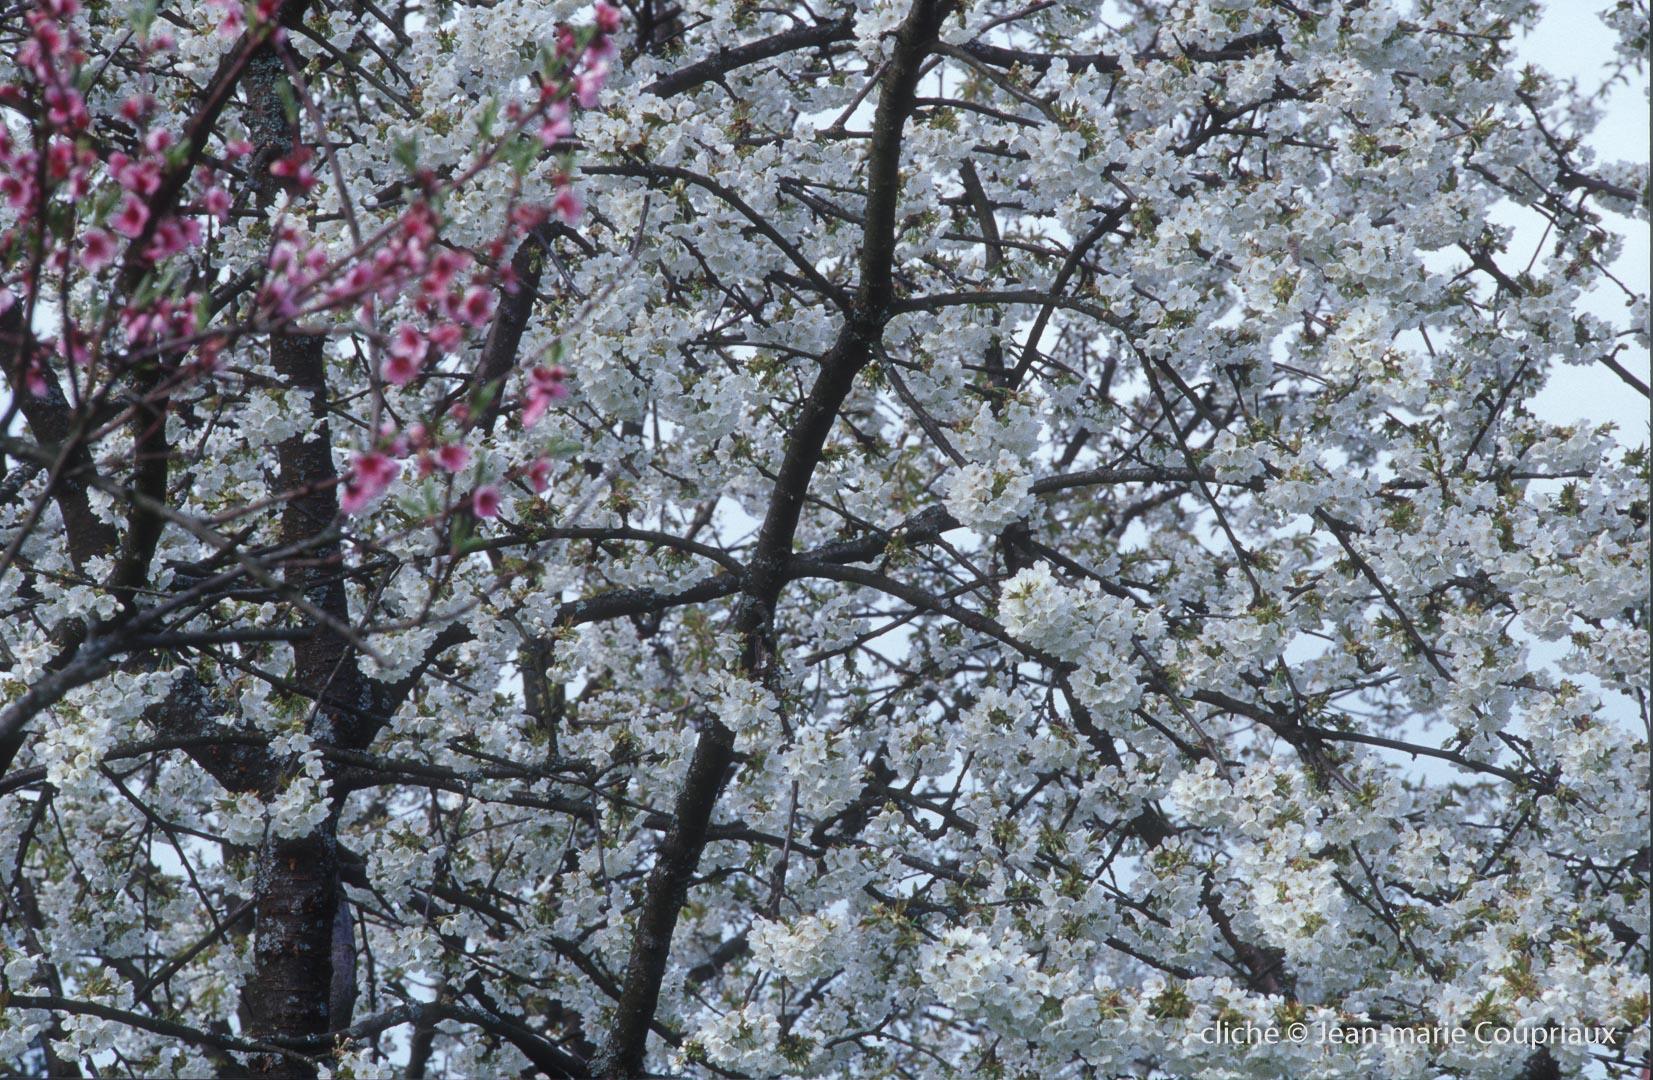 Fleurs-div-162-1.jpg